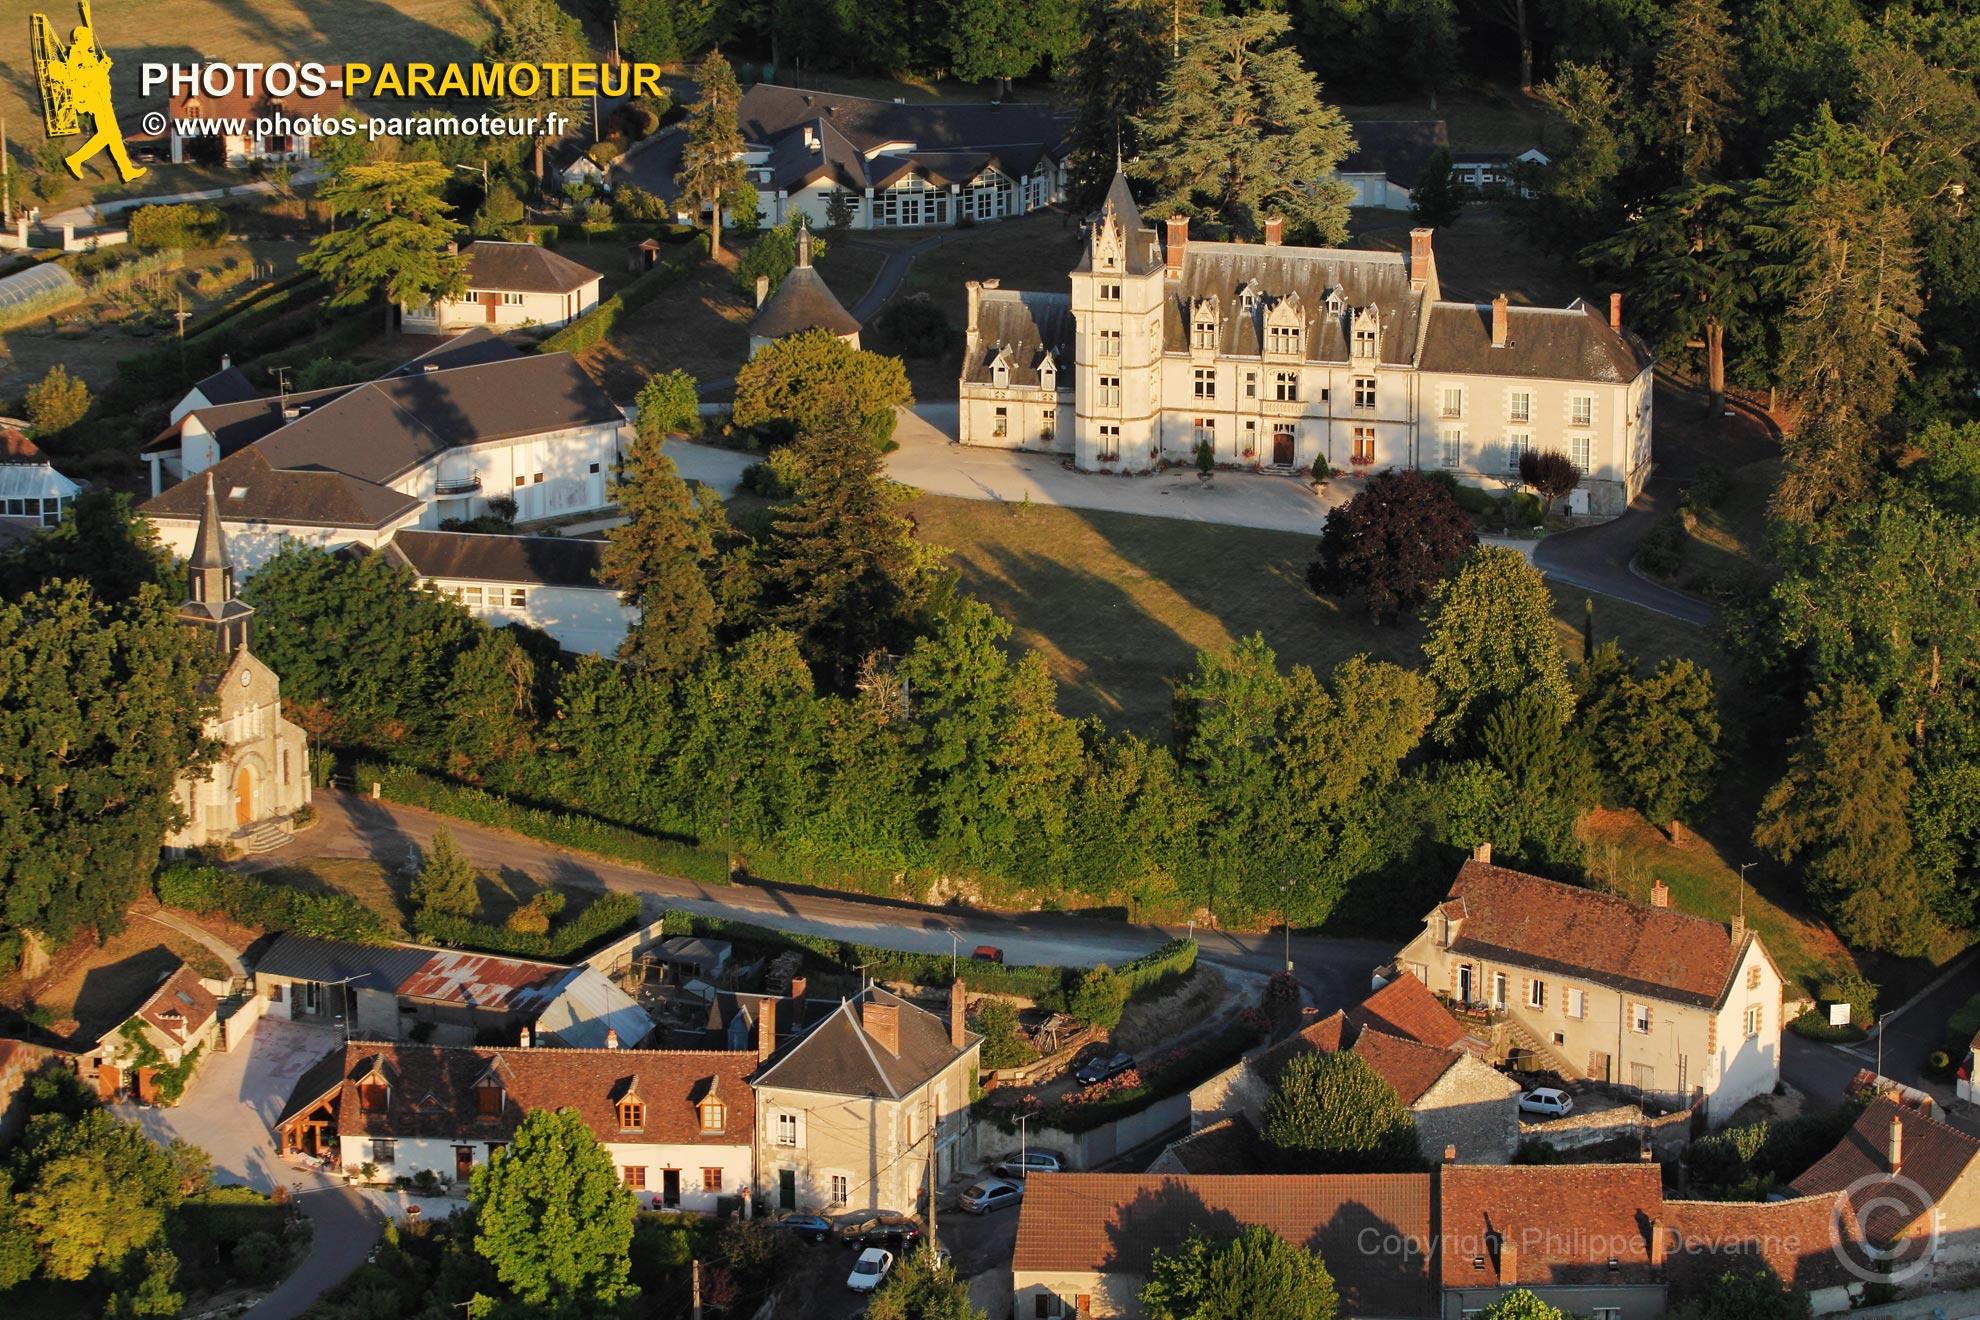 Rilly-sur-Loire , France - 26 Juin 2011: Château de Rilly-sur-Loire vu du ciel